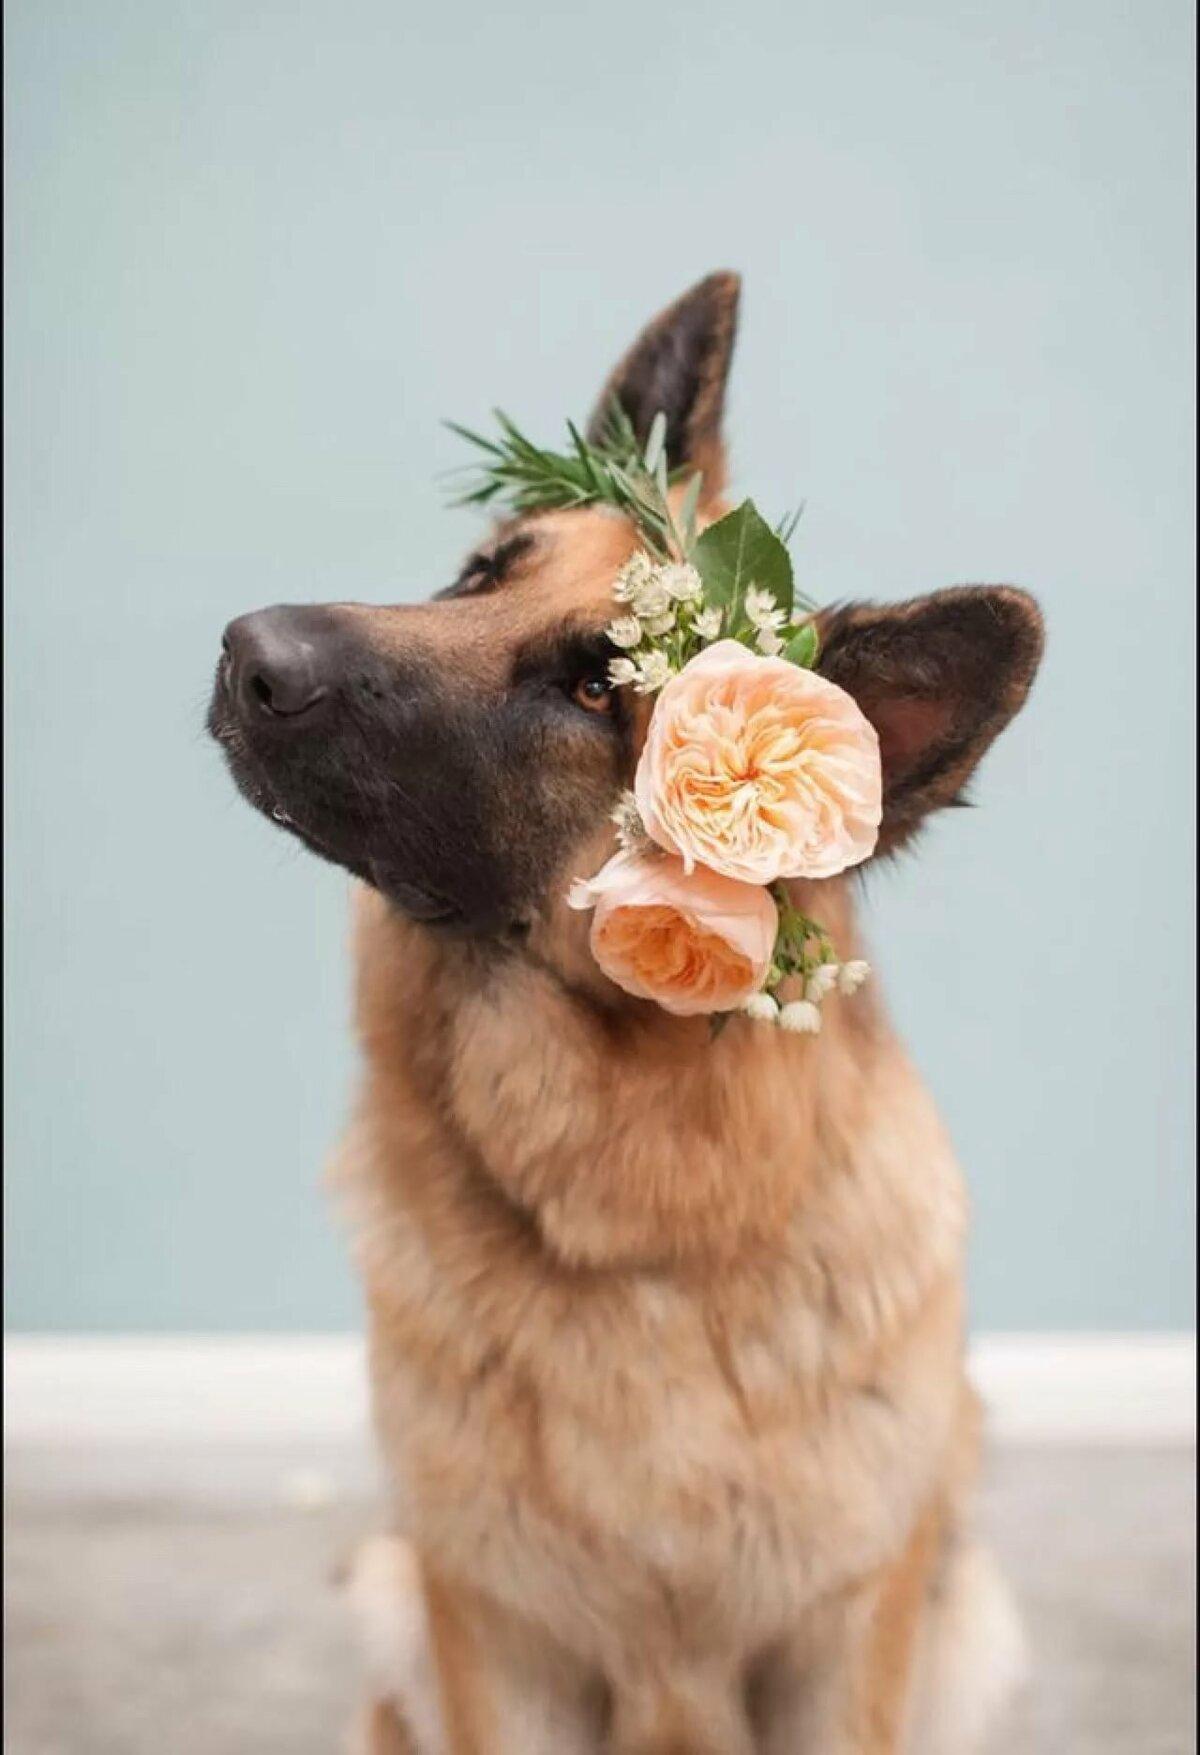 Картинки животных с цветами в зубах фото